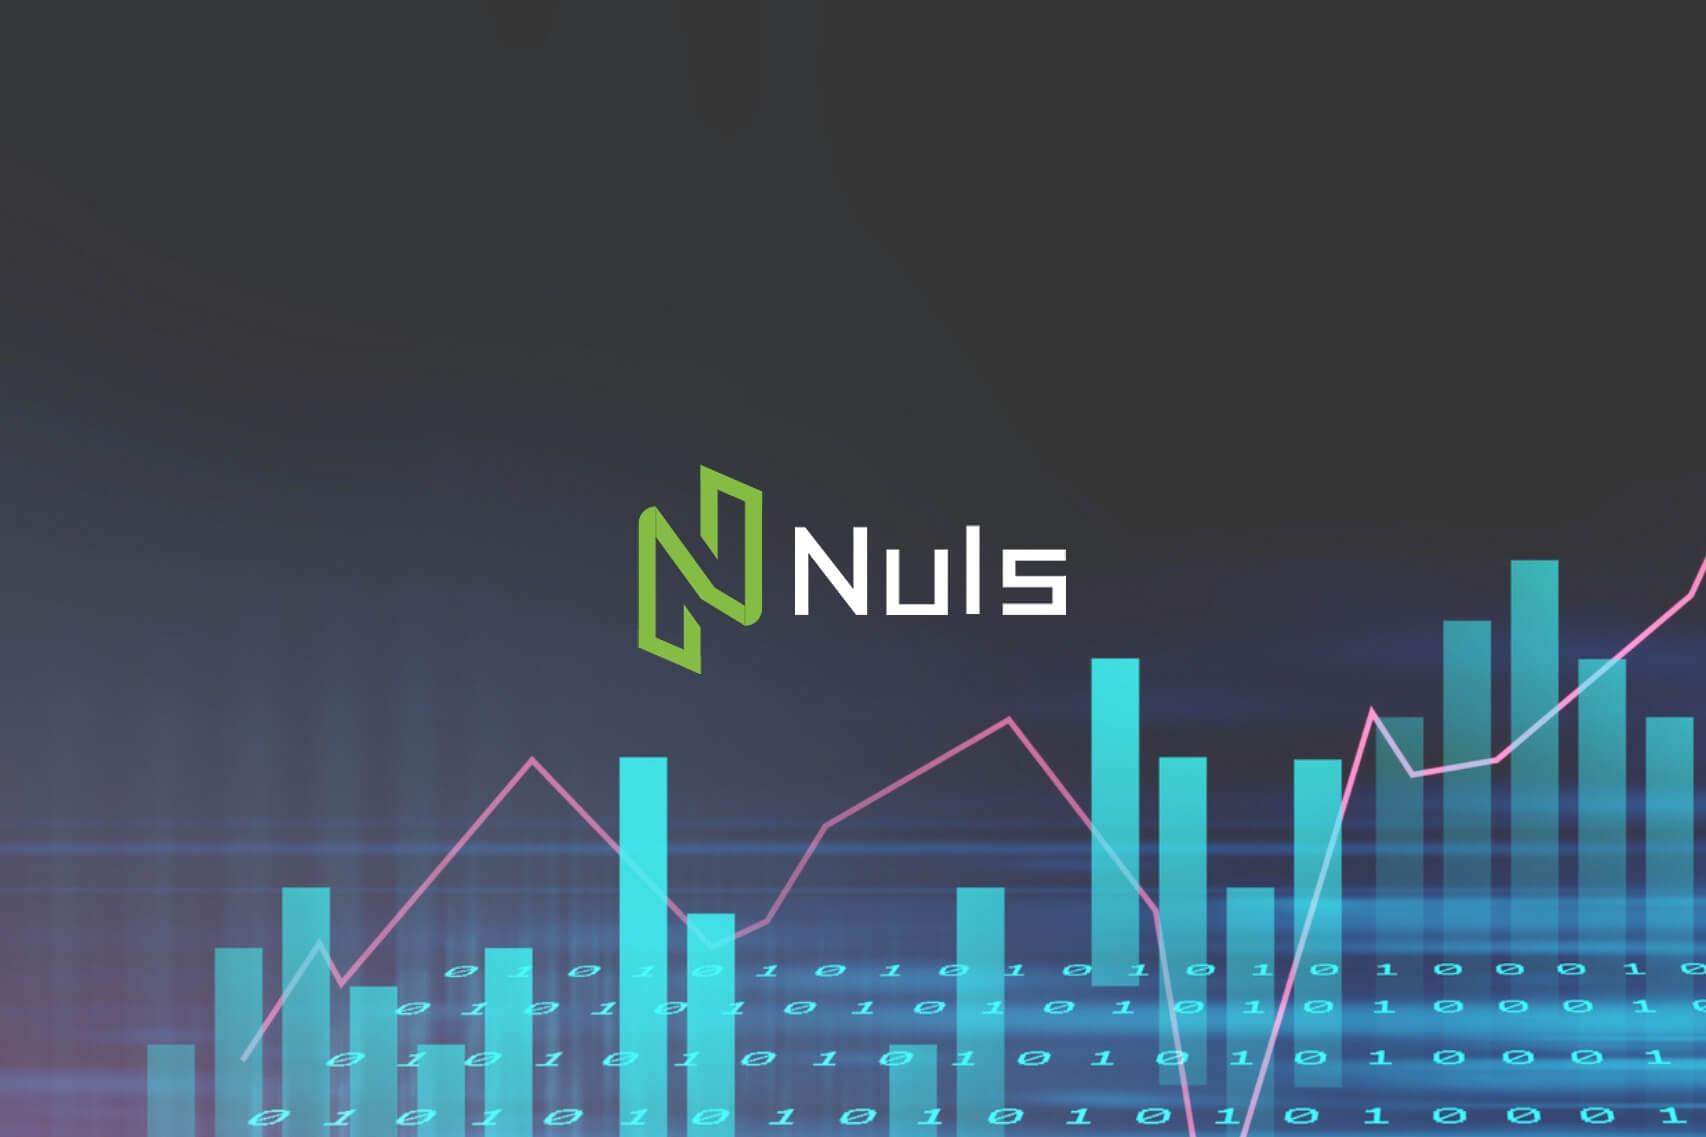 Price Analysis: NULS